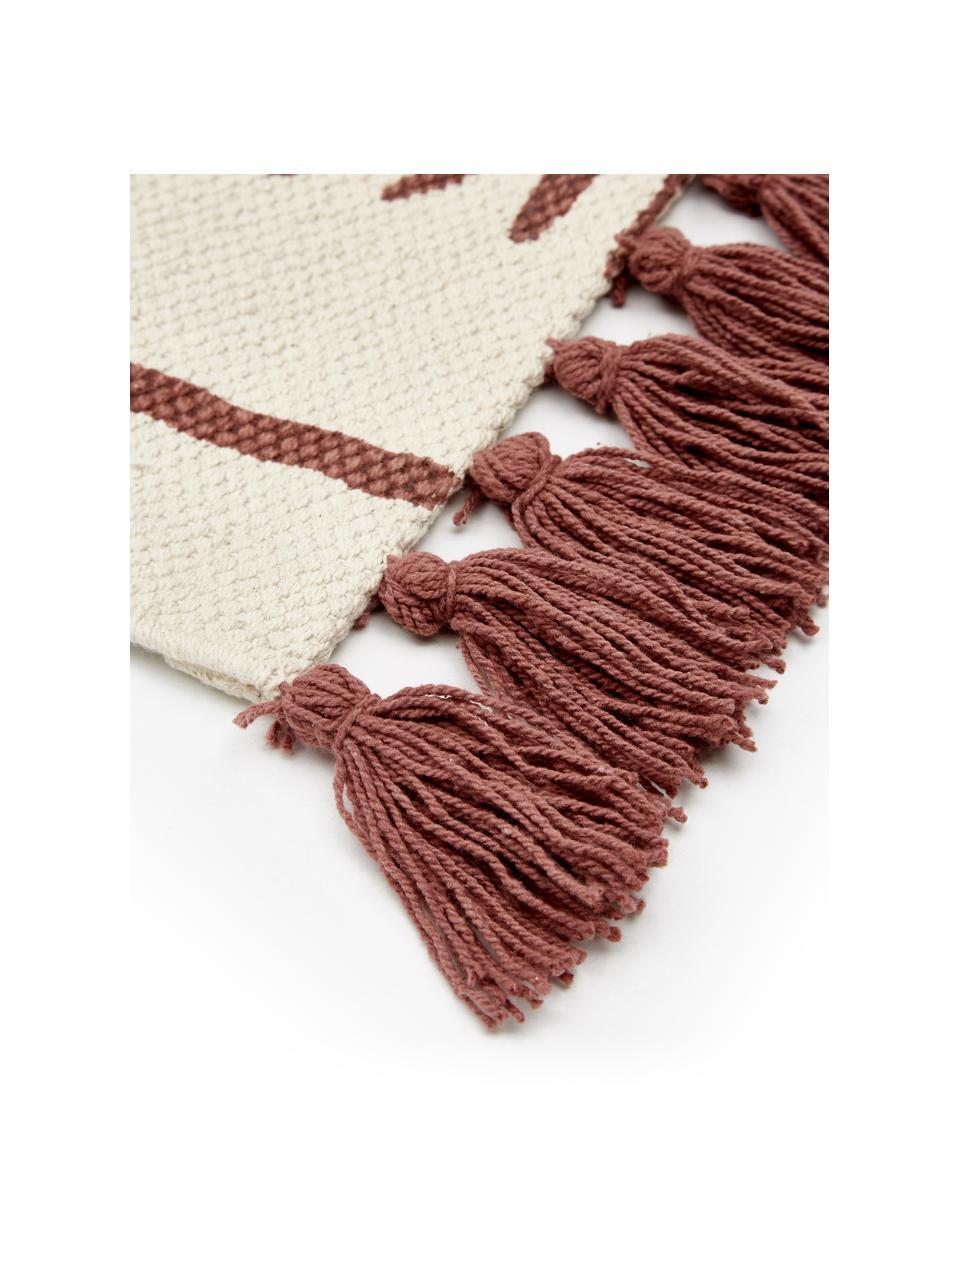 Tappeto in cotone color beige/terracotta tessuto a mano Rita, Beige, terracotta, Larg. 70 x Lung. 140 cm (taglia XS)